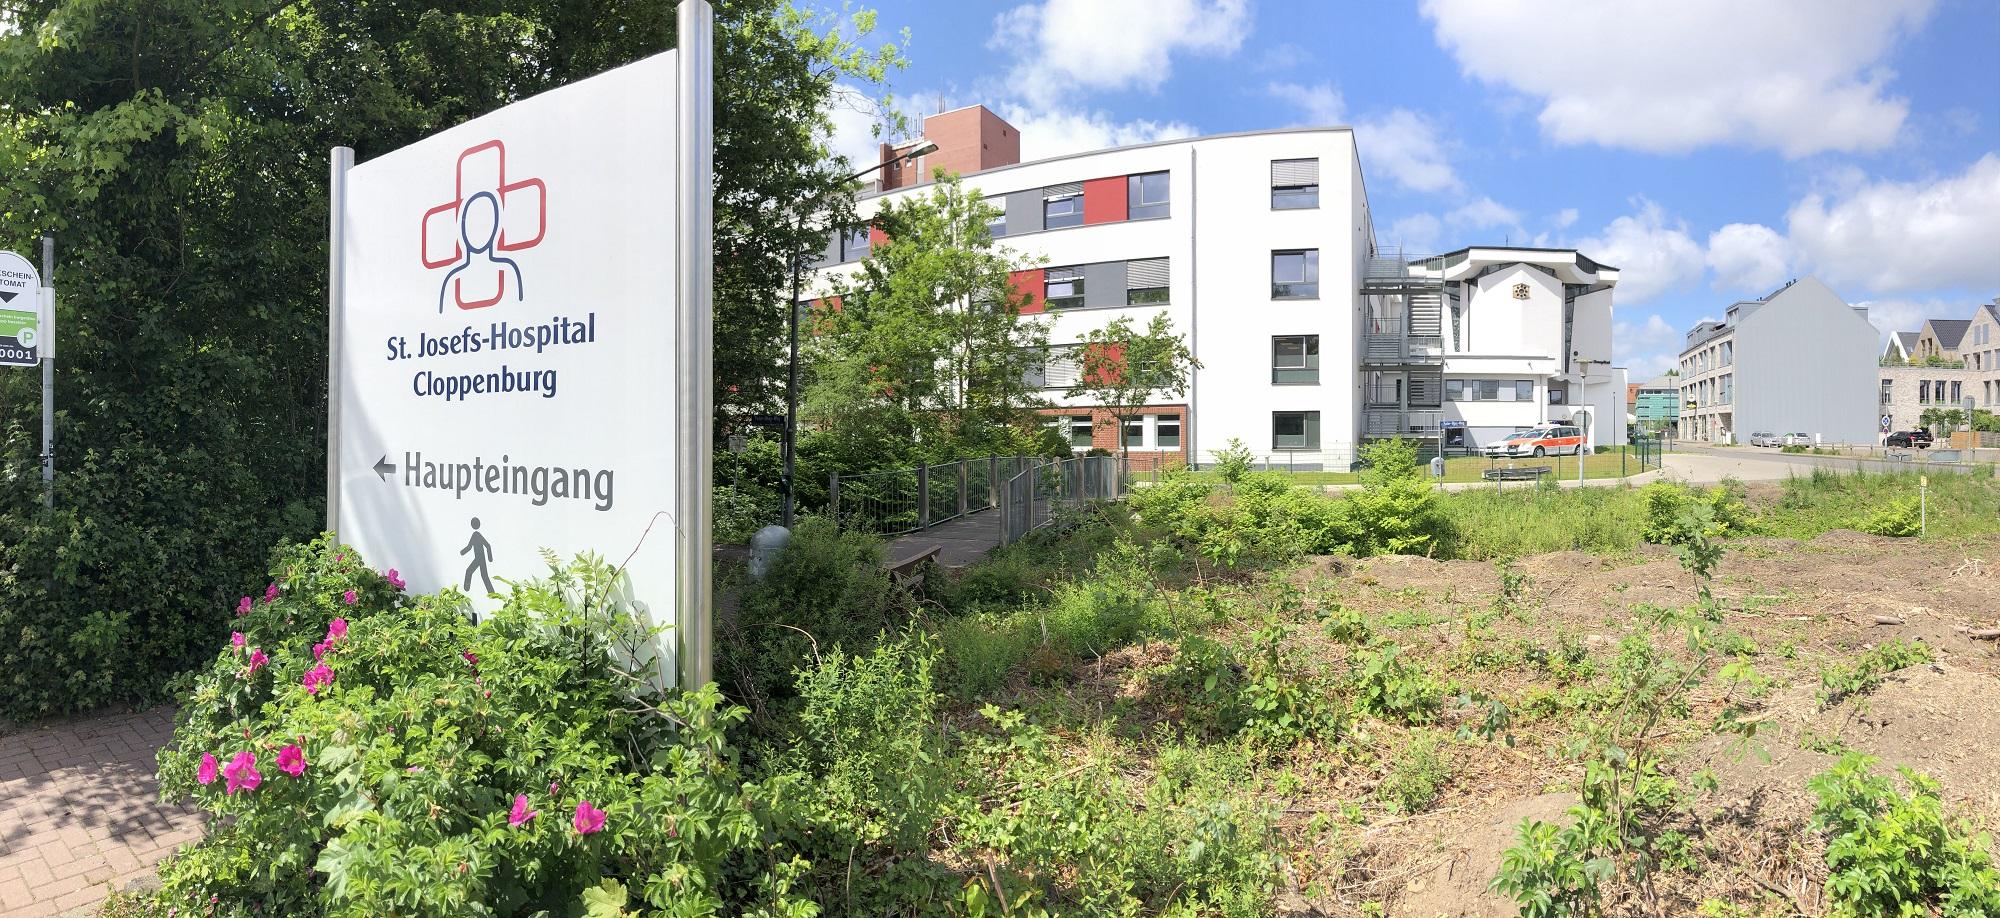 Besuchsverbot im Josefs-Hospital: Die Krankenhausleitung reagiert damit auf die hohen Infektionszahlen. Archivfoto: Hermes